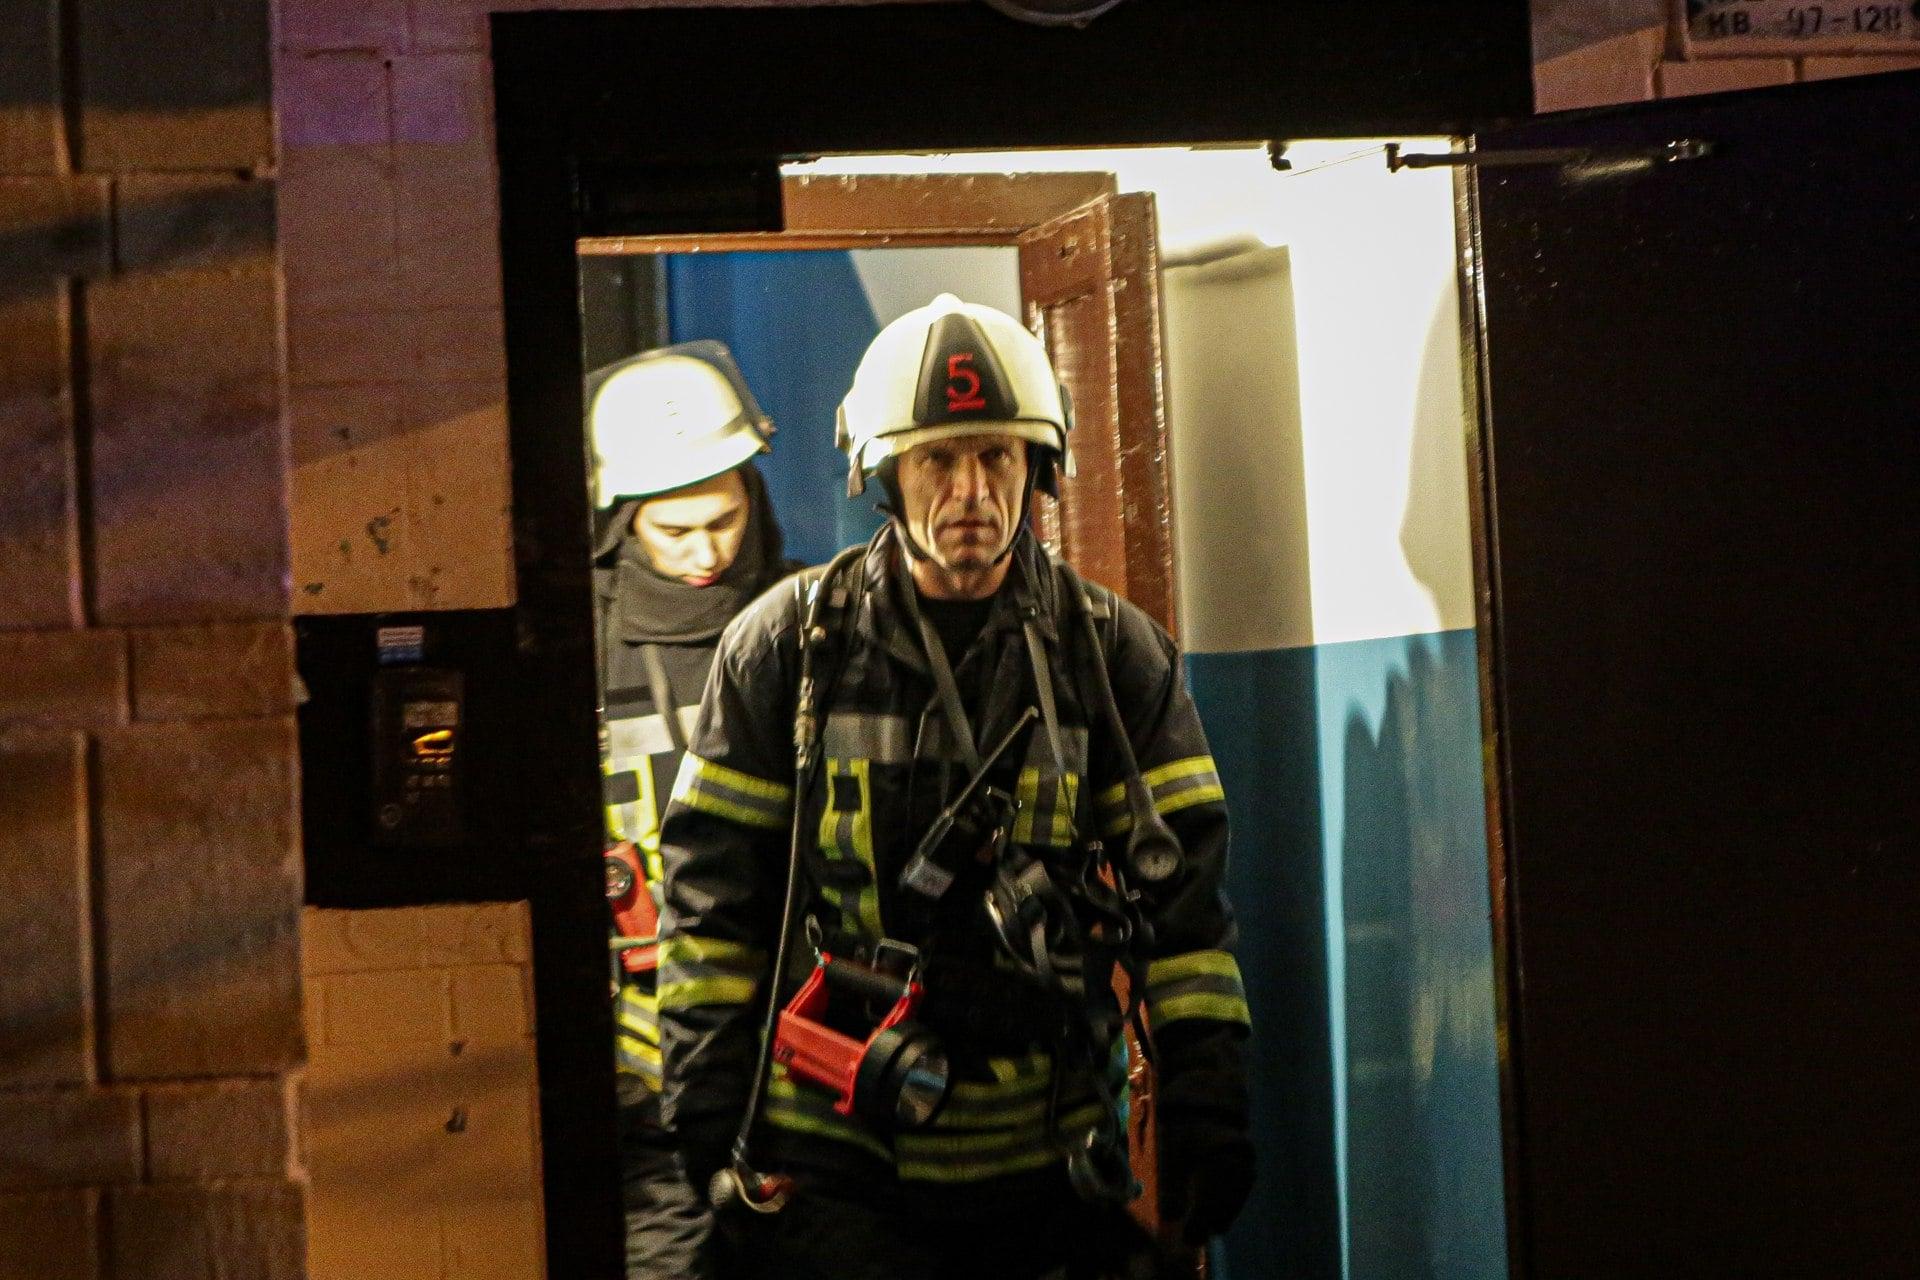 Підпал автошин у багатоповерхівці Києва міг закінчитись трагічно - пожежа - 125939392 3491293927617191 8363781904856989773 o